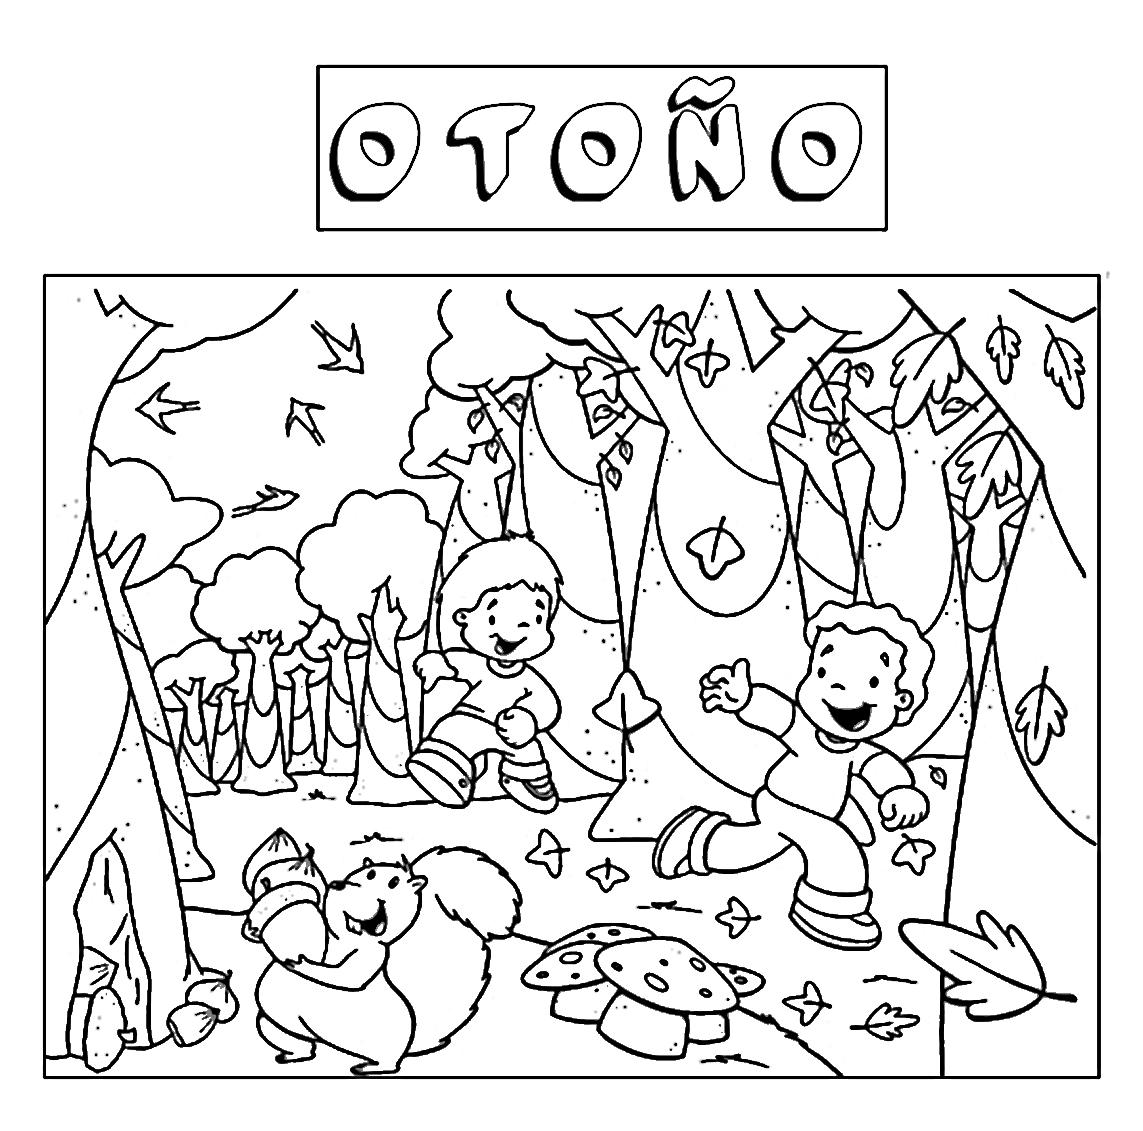 Dorable Libre Otoño Para Colorear Imágenes - Dibujos Para Colorear ...